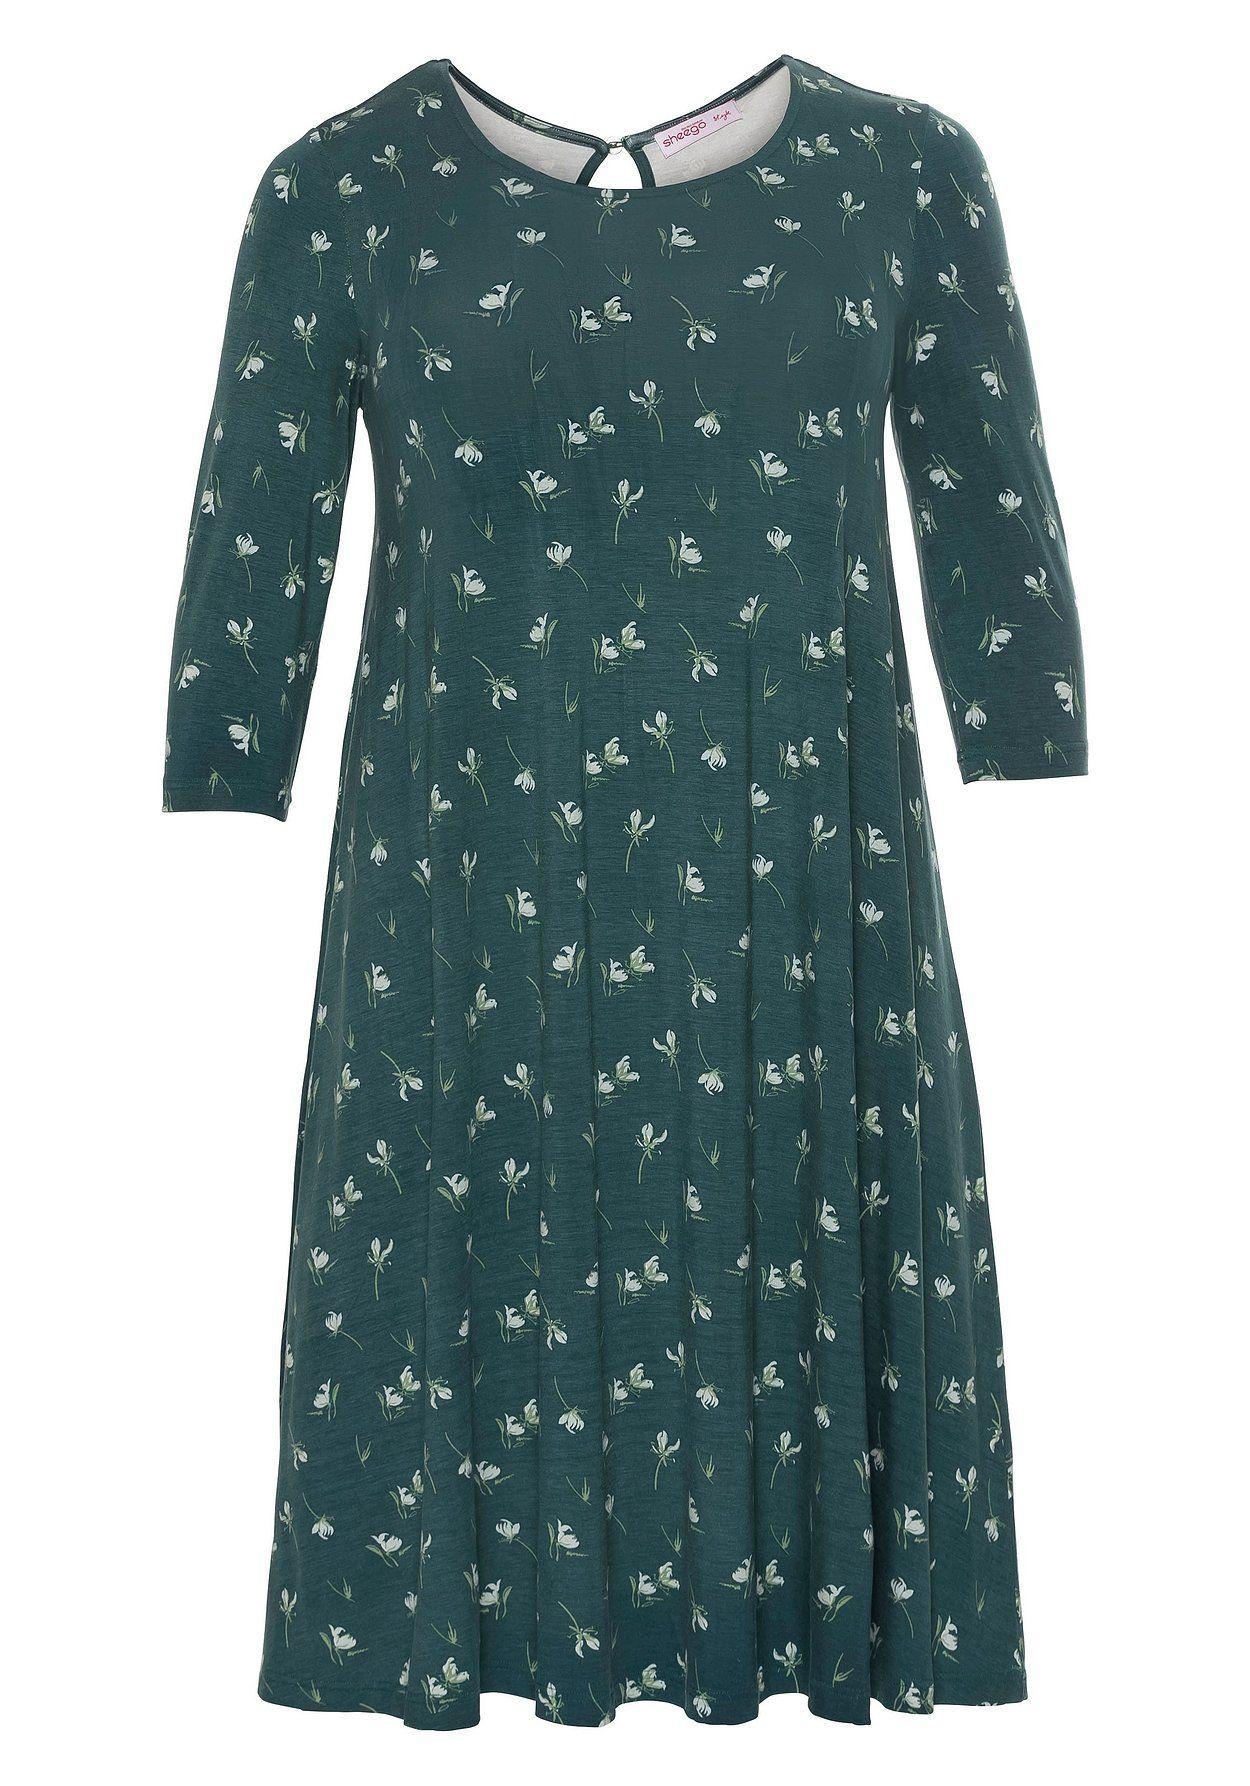 jerseykleid mit 3/4-Ärmeln - tiefgrün bedruckt in 2020